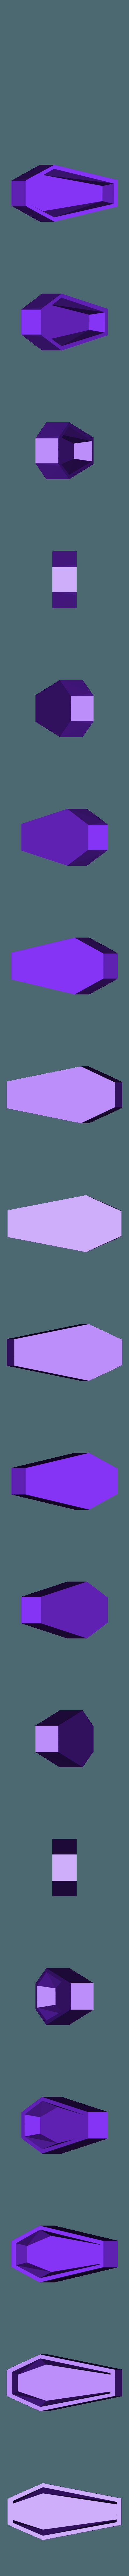 ATAUL BASE.stl Télécharger fichier STL gratuit tombeau • Objet pour imprimante 3D, borjajusticialeon